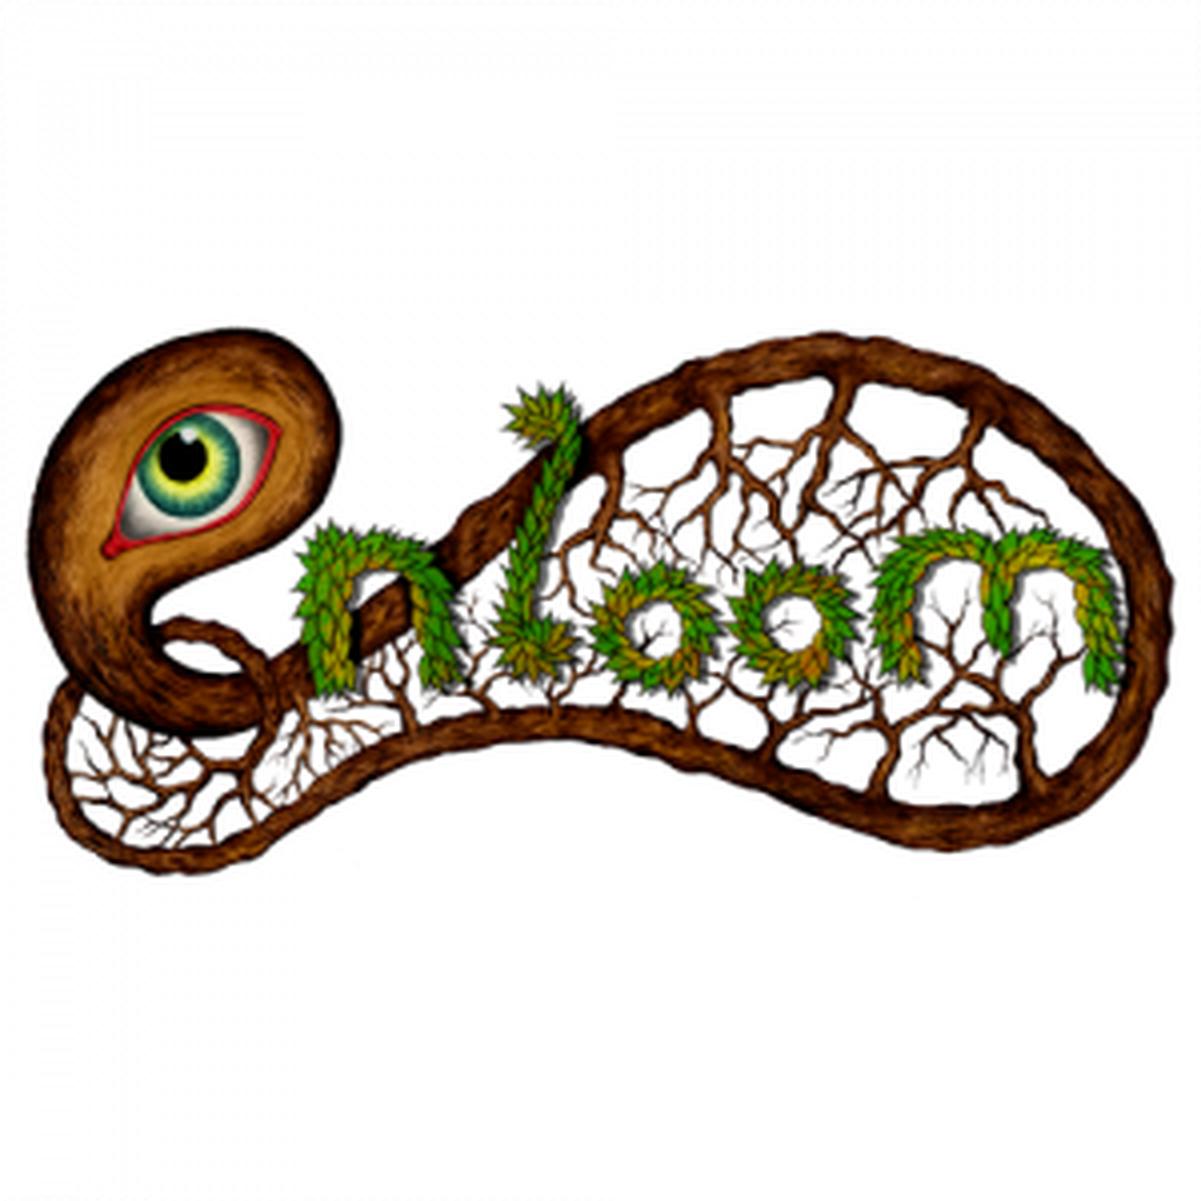 Enloom wiki, Enloom review, Enloom history, Enloom news